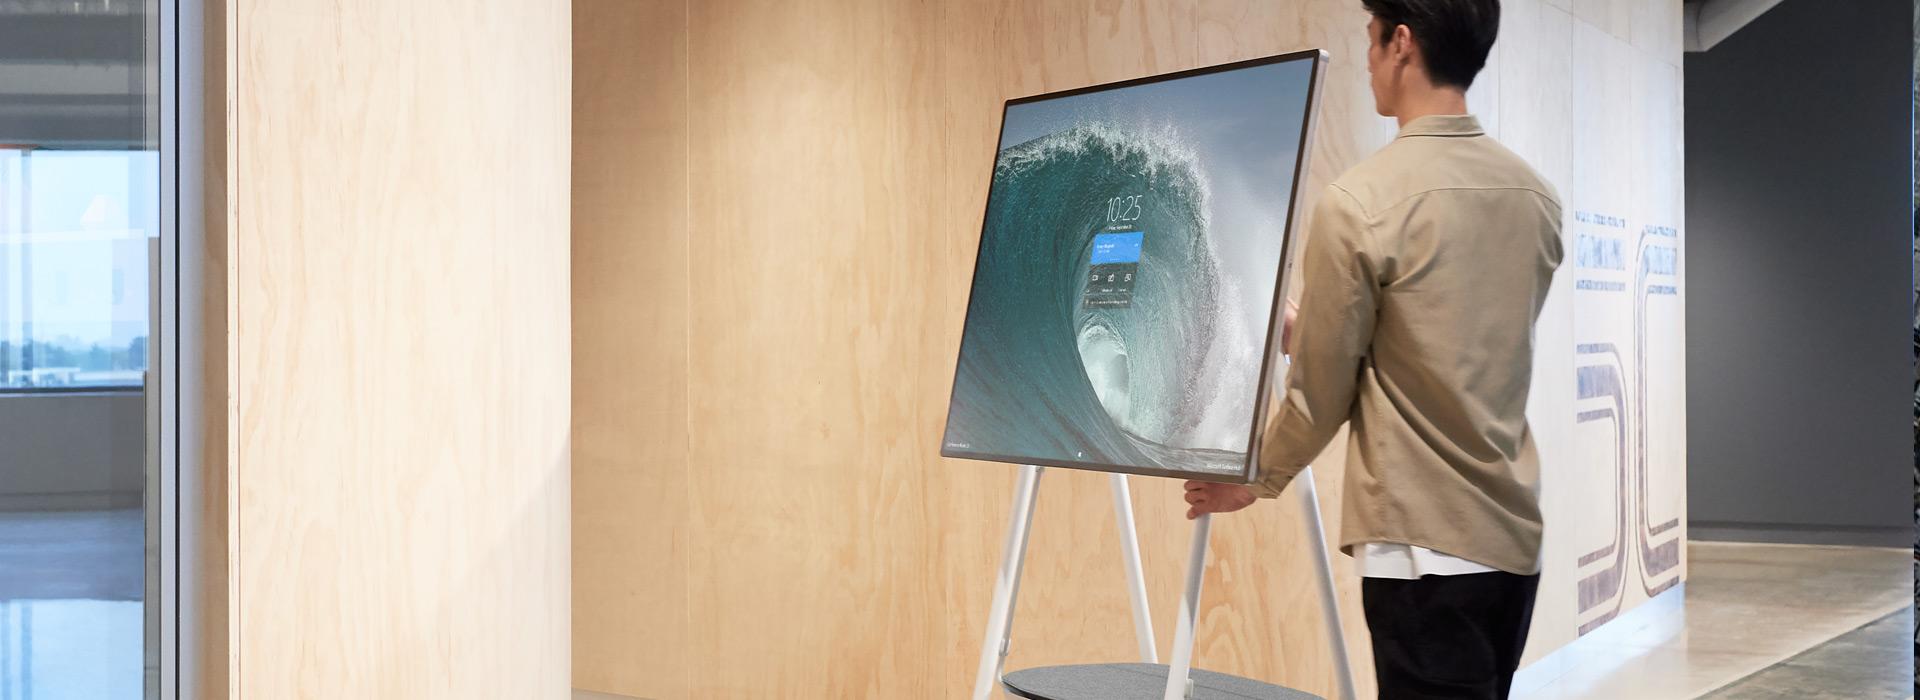 ผู้ชายคนหนึ่งขนย้าย Surface Hub 2S บนขาตั้งเคลื่อนที่แบบมีล้อหมุน